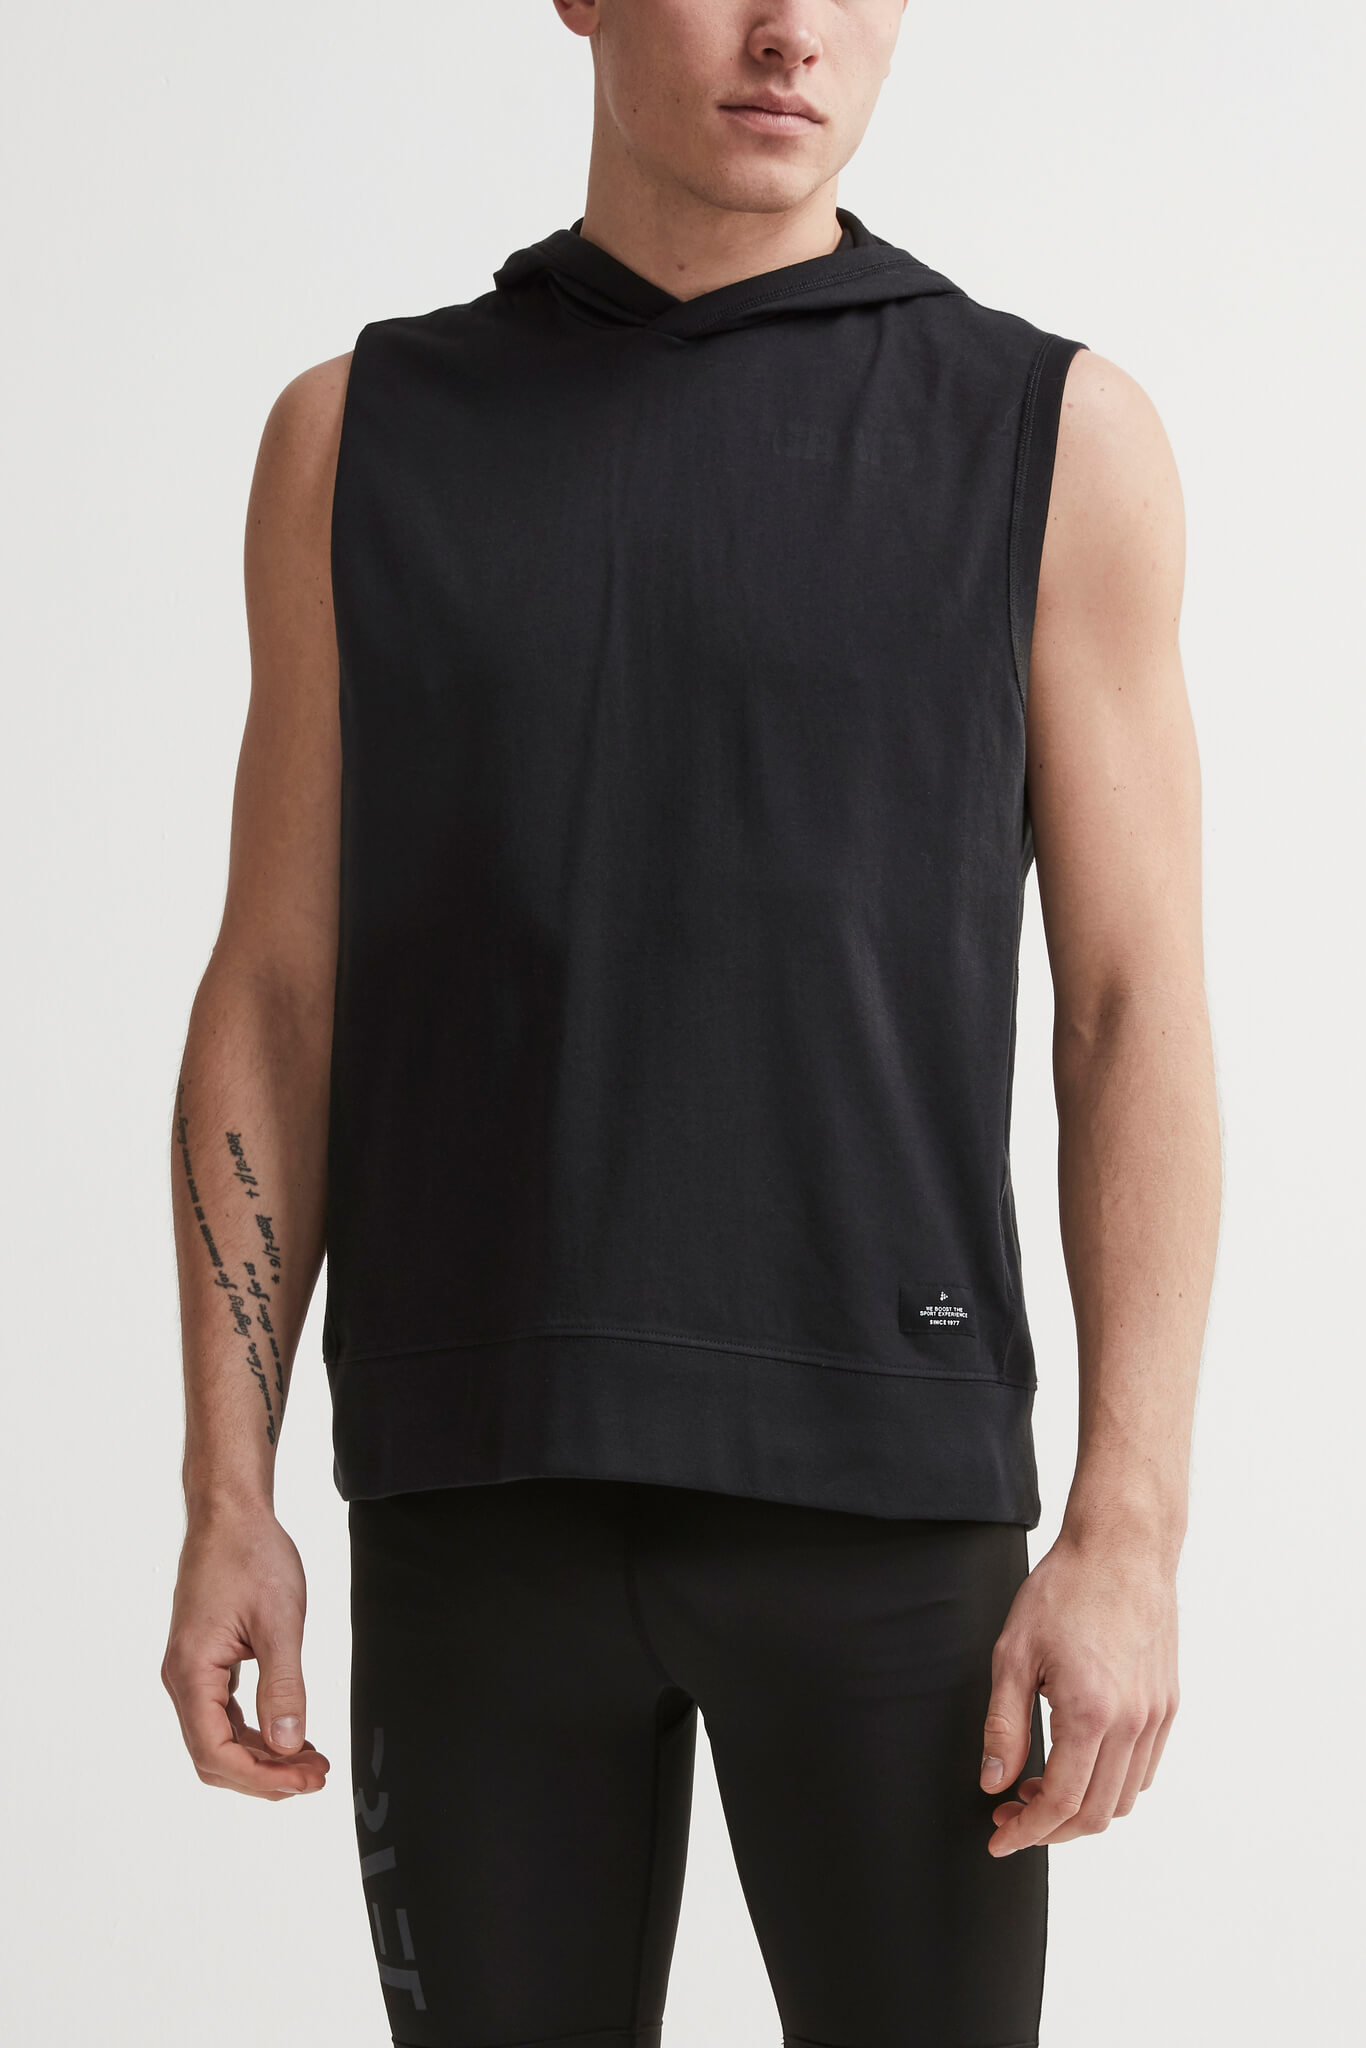 Craft Deft 2.0 толстовка с капюшоном мужская без рукавов black - 2